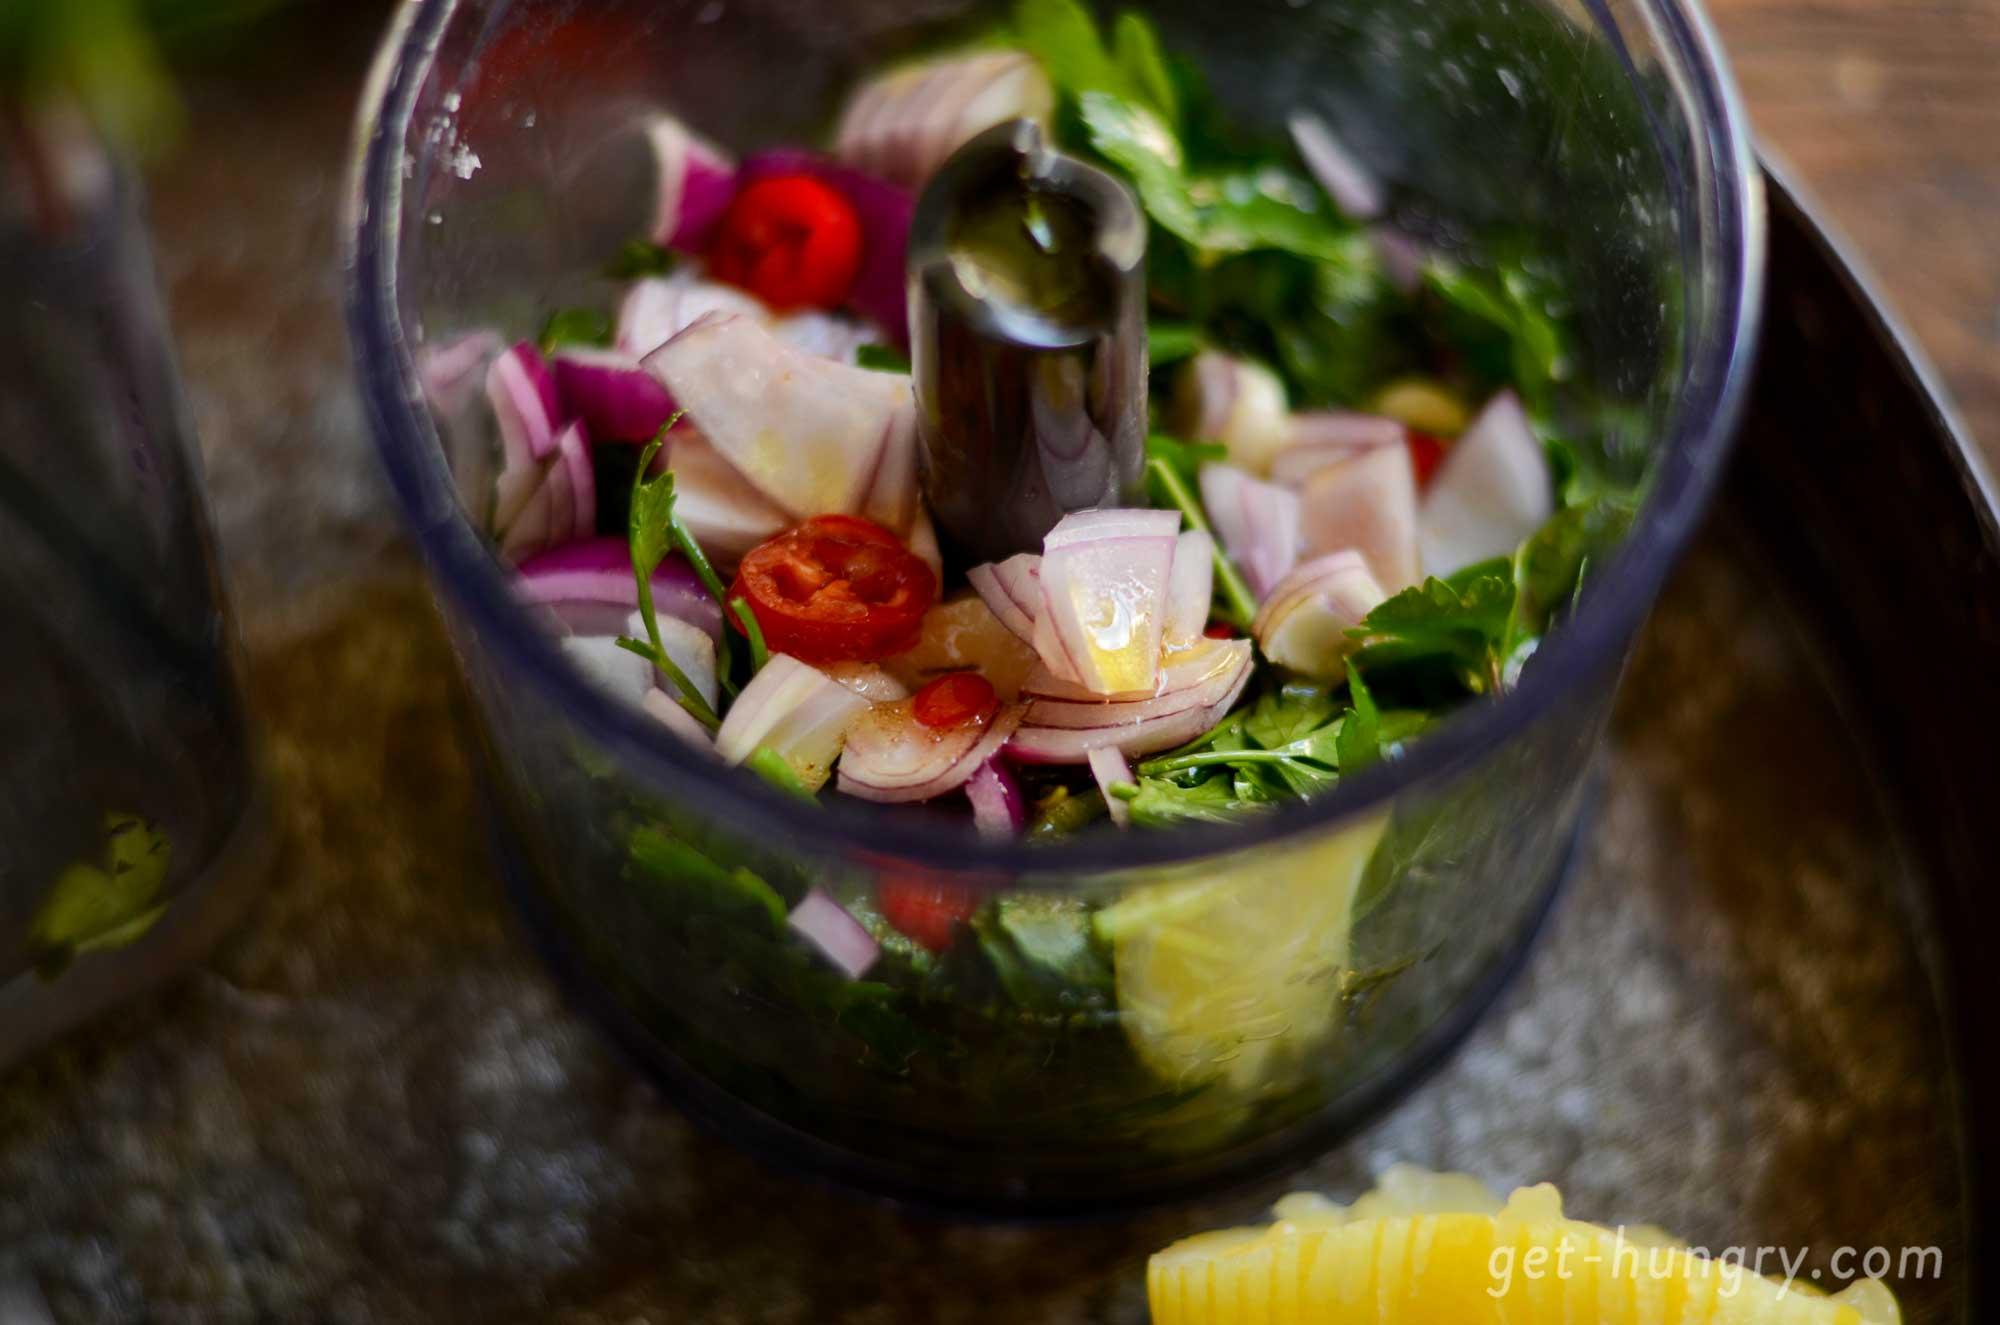 Der Pürierstab, Universalzerkleinerer oder Mörser bringen Chimichurri-Aroma ins Glas.